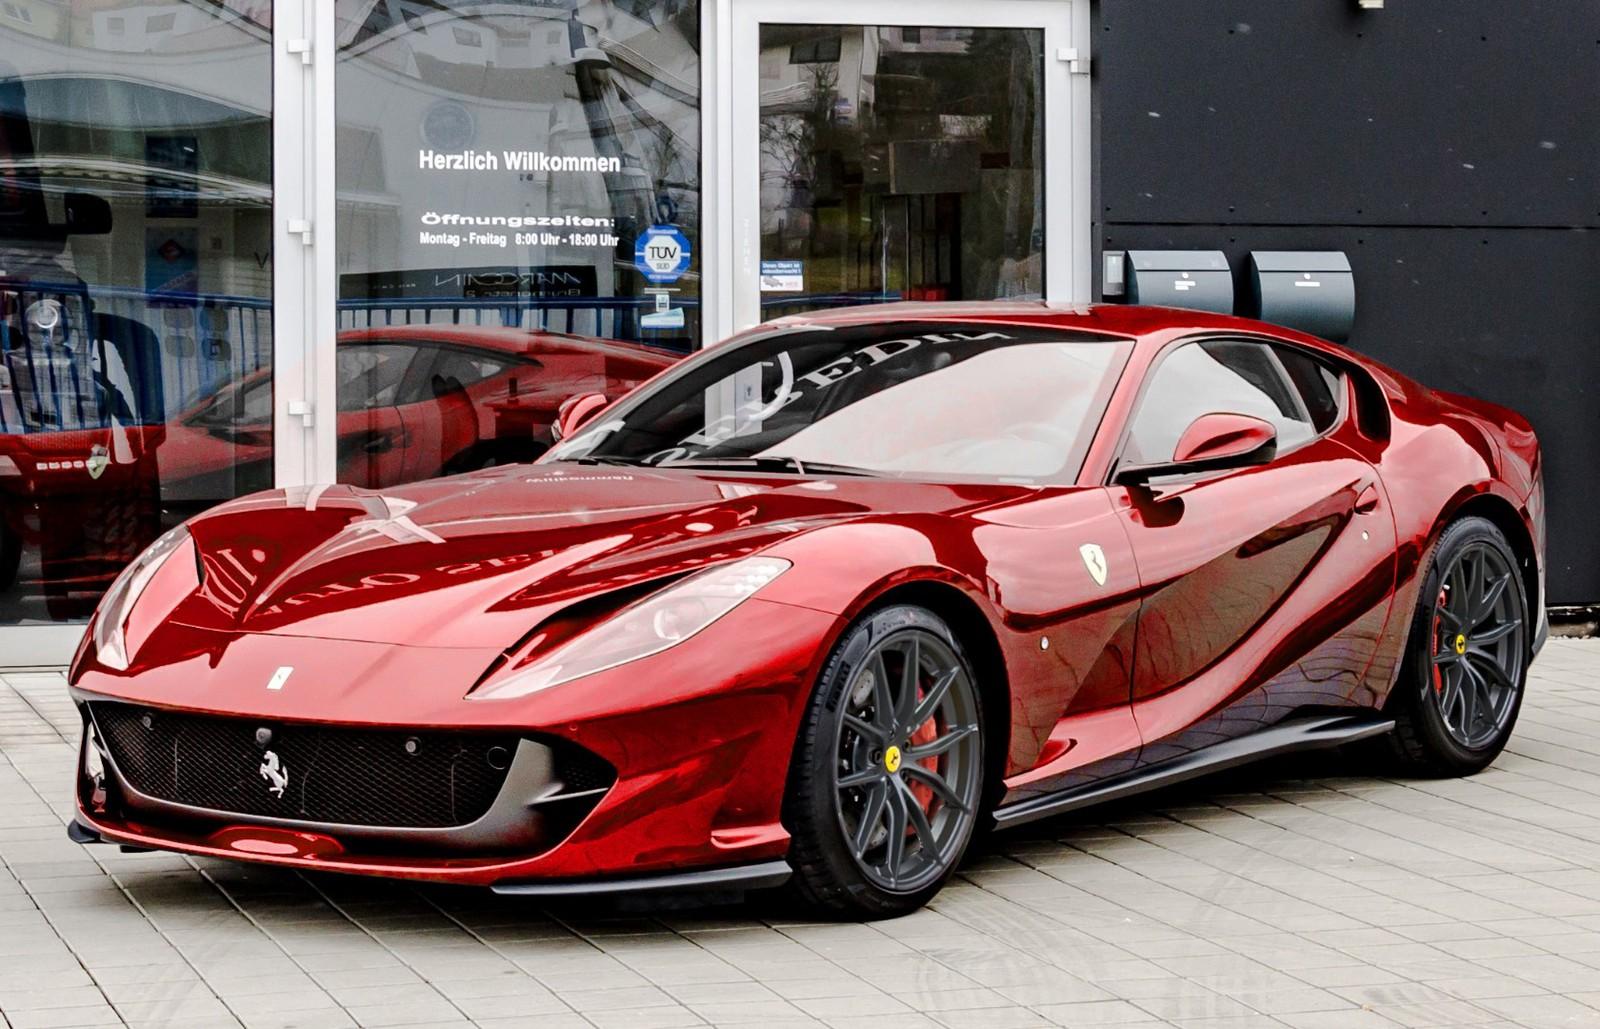 Ferrari 812 Superfast Stock Full New Buy In Hechingen Bei Stuttgart Price 356999 Eur Int Nr 2191 Sold